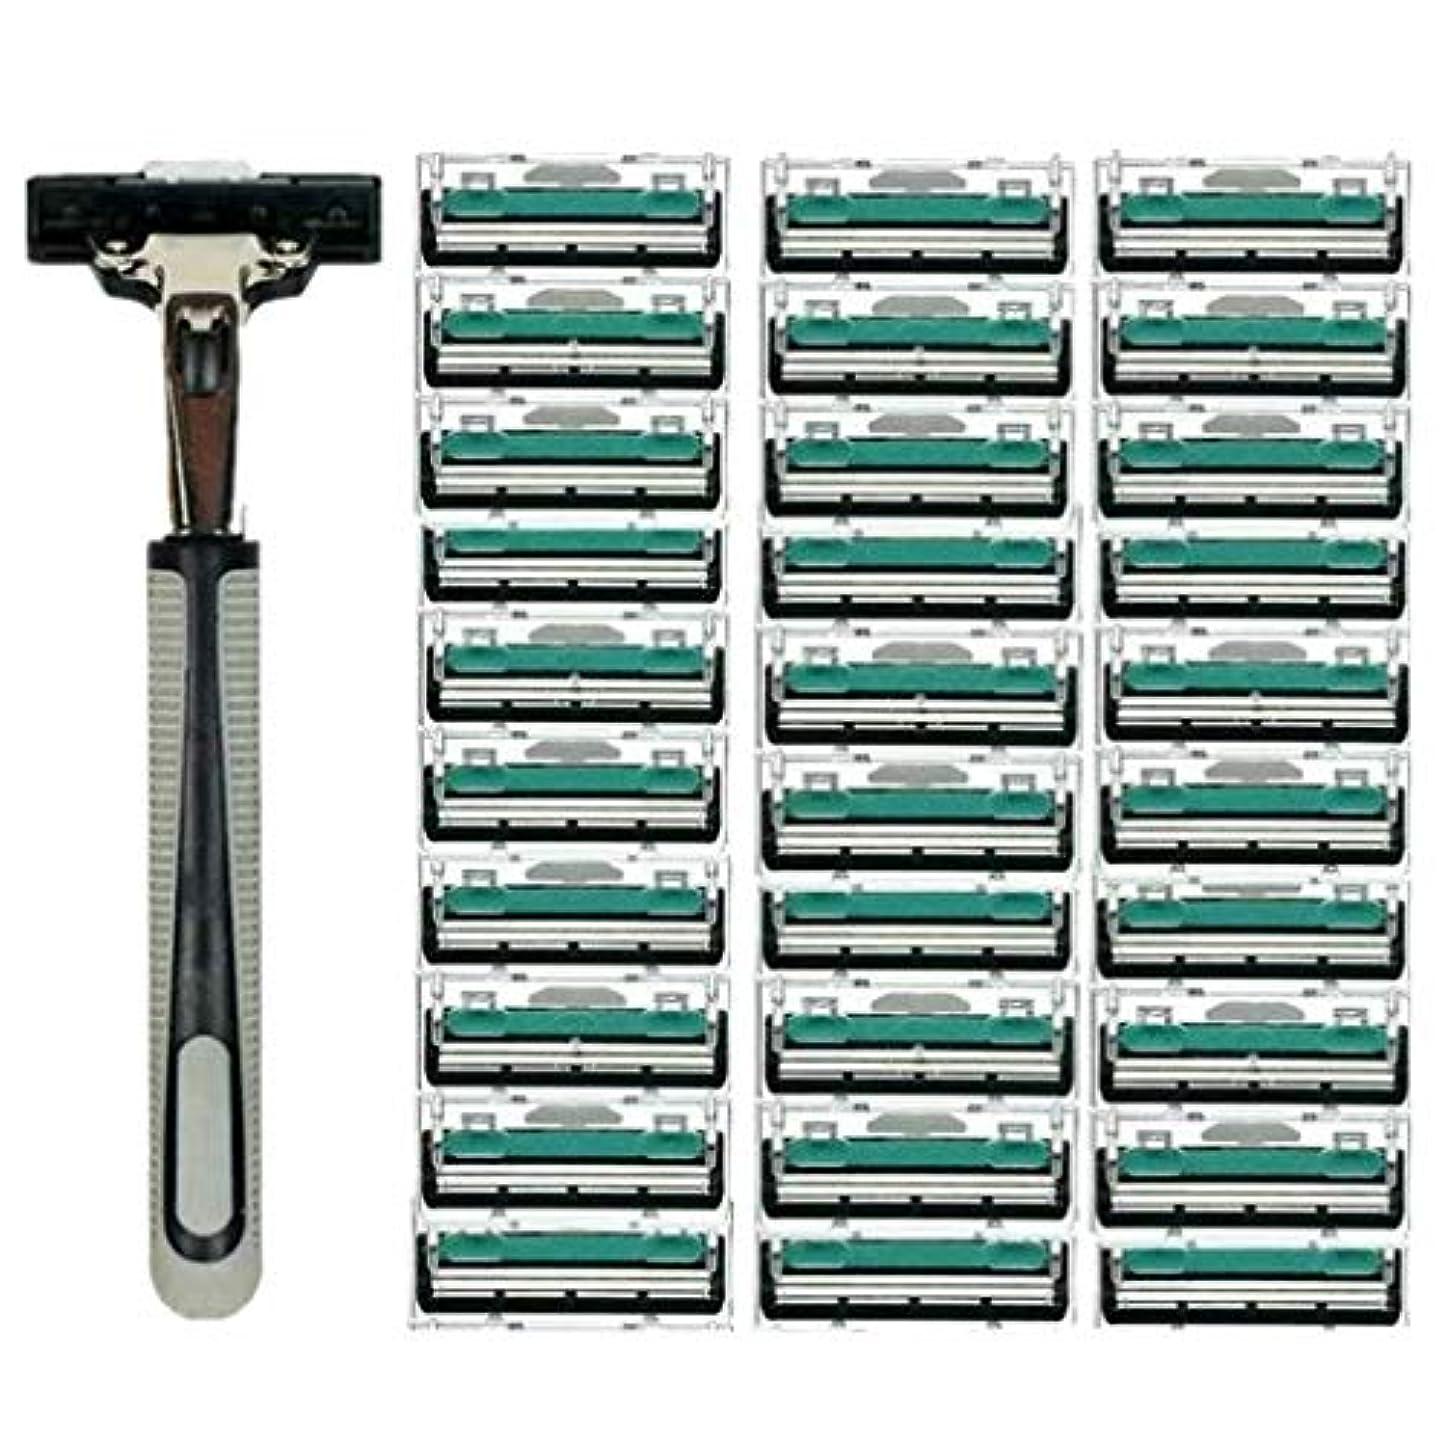 相関する親対角線TopFires 髭剃り 男性カミソリ 替刃30個付 安全性 大容量 … 【品質保証】